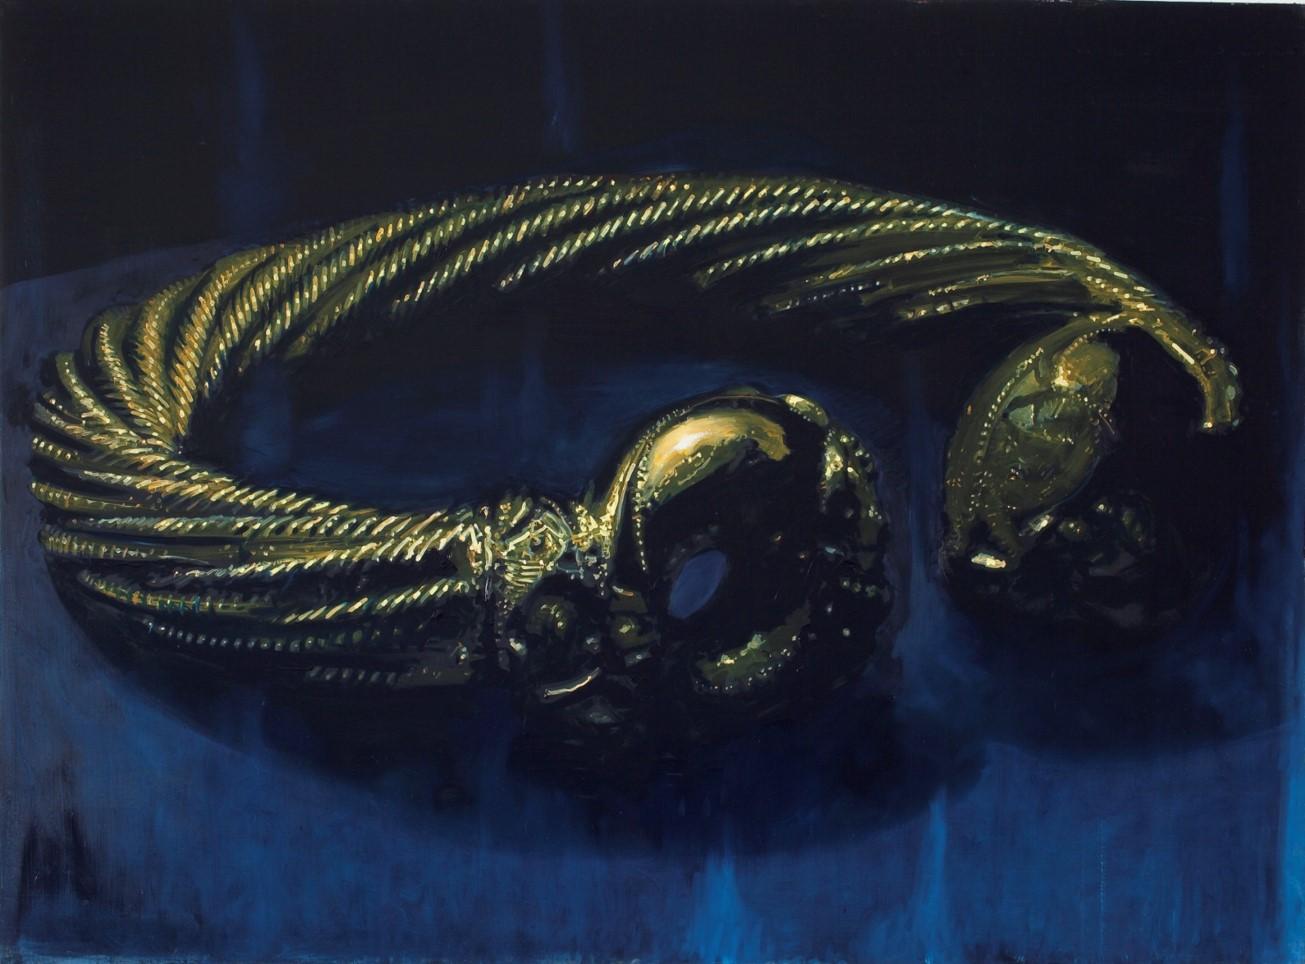 Oren Eliav, Torque, 2011,oil on canvas, diptych, 140 x 190 cm each